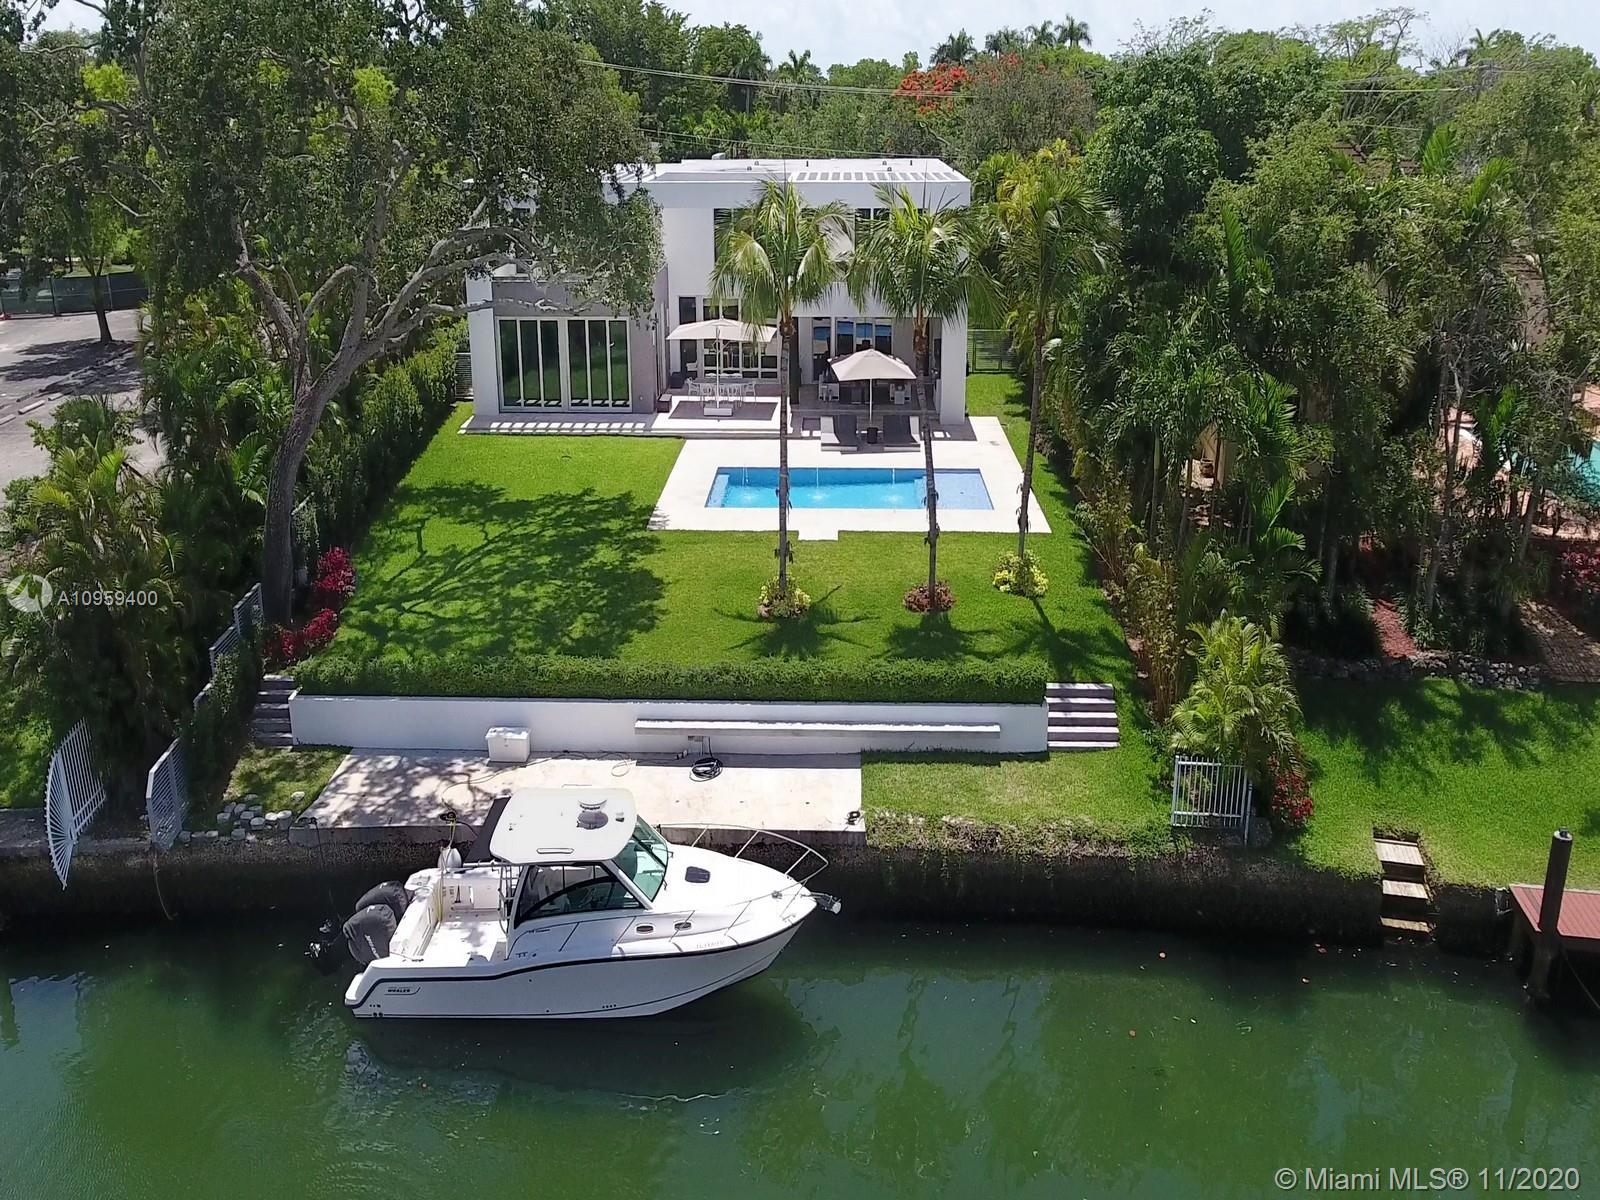 South Miami - 6300 CABALLERO BL, Coral Gables, FL 33146